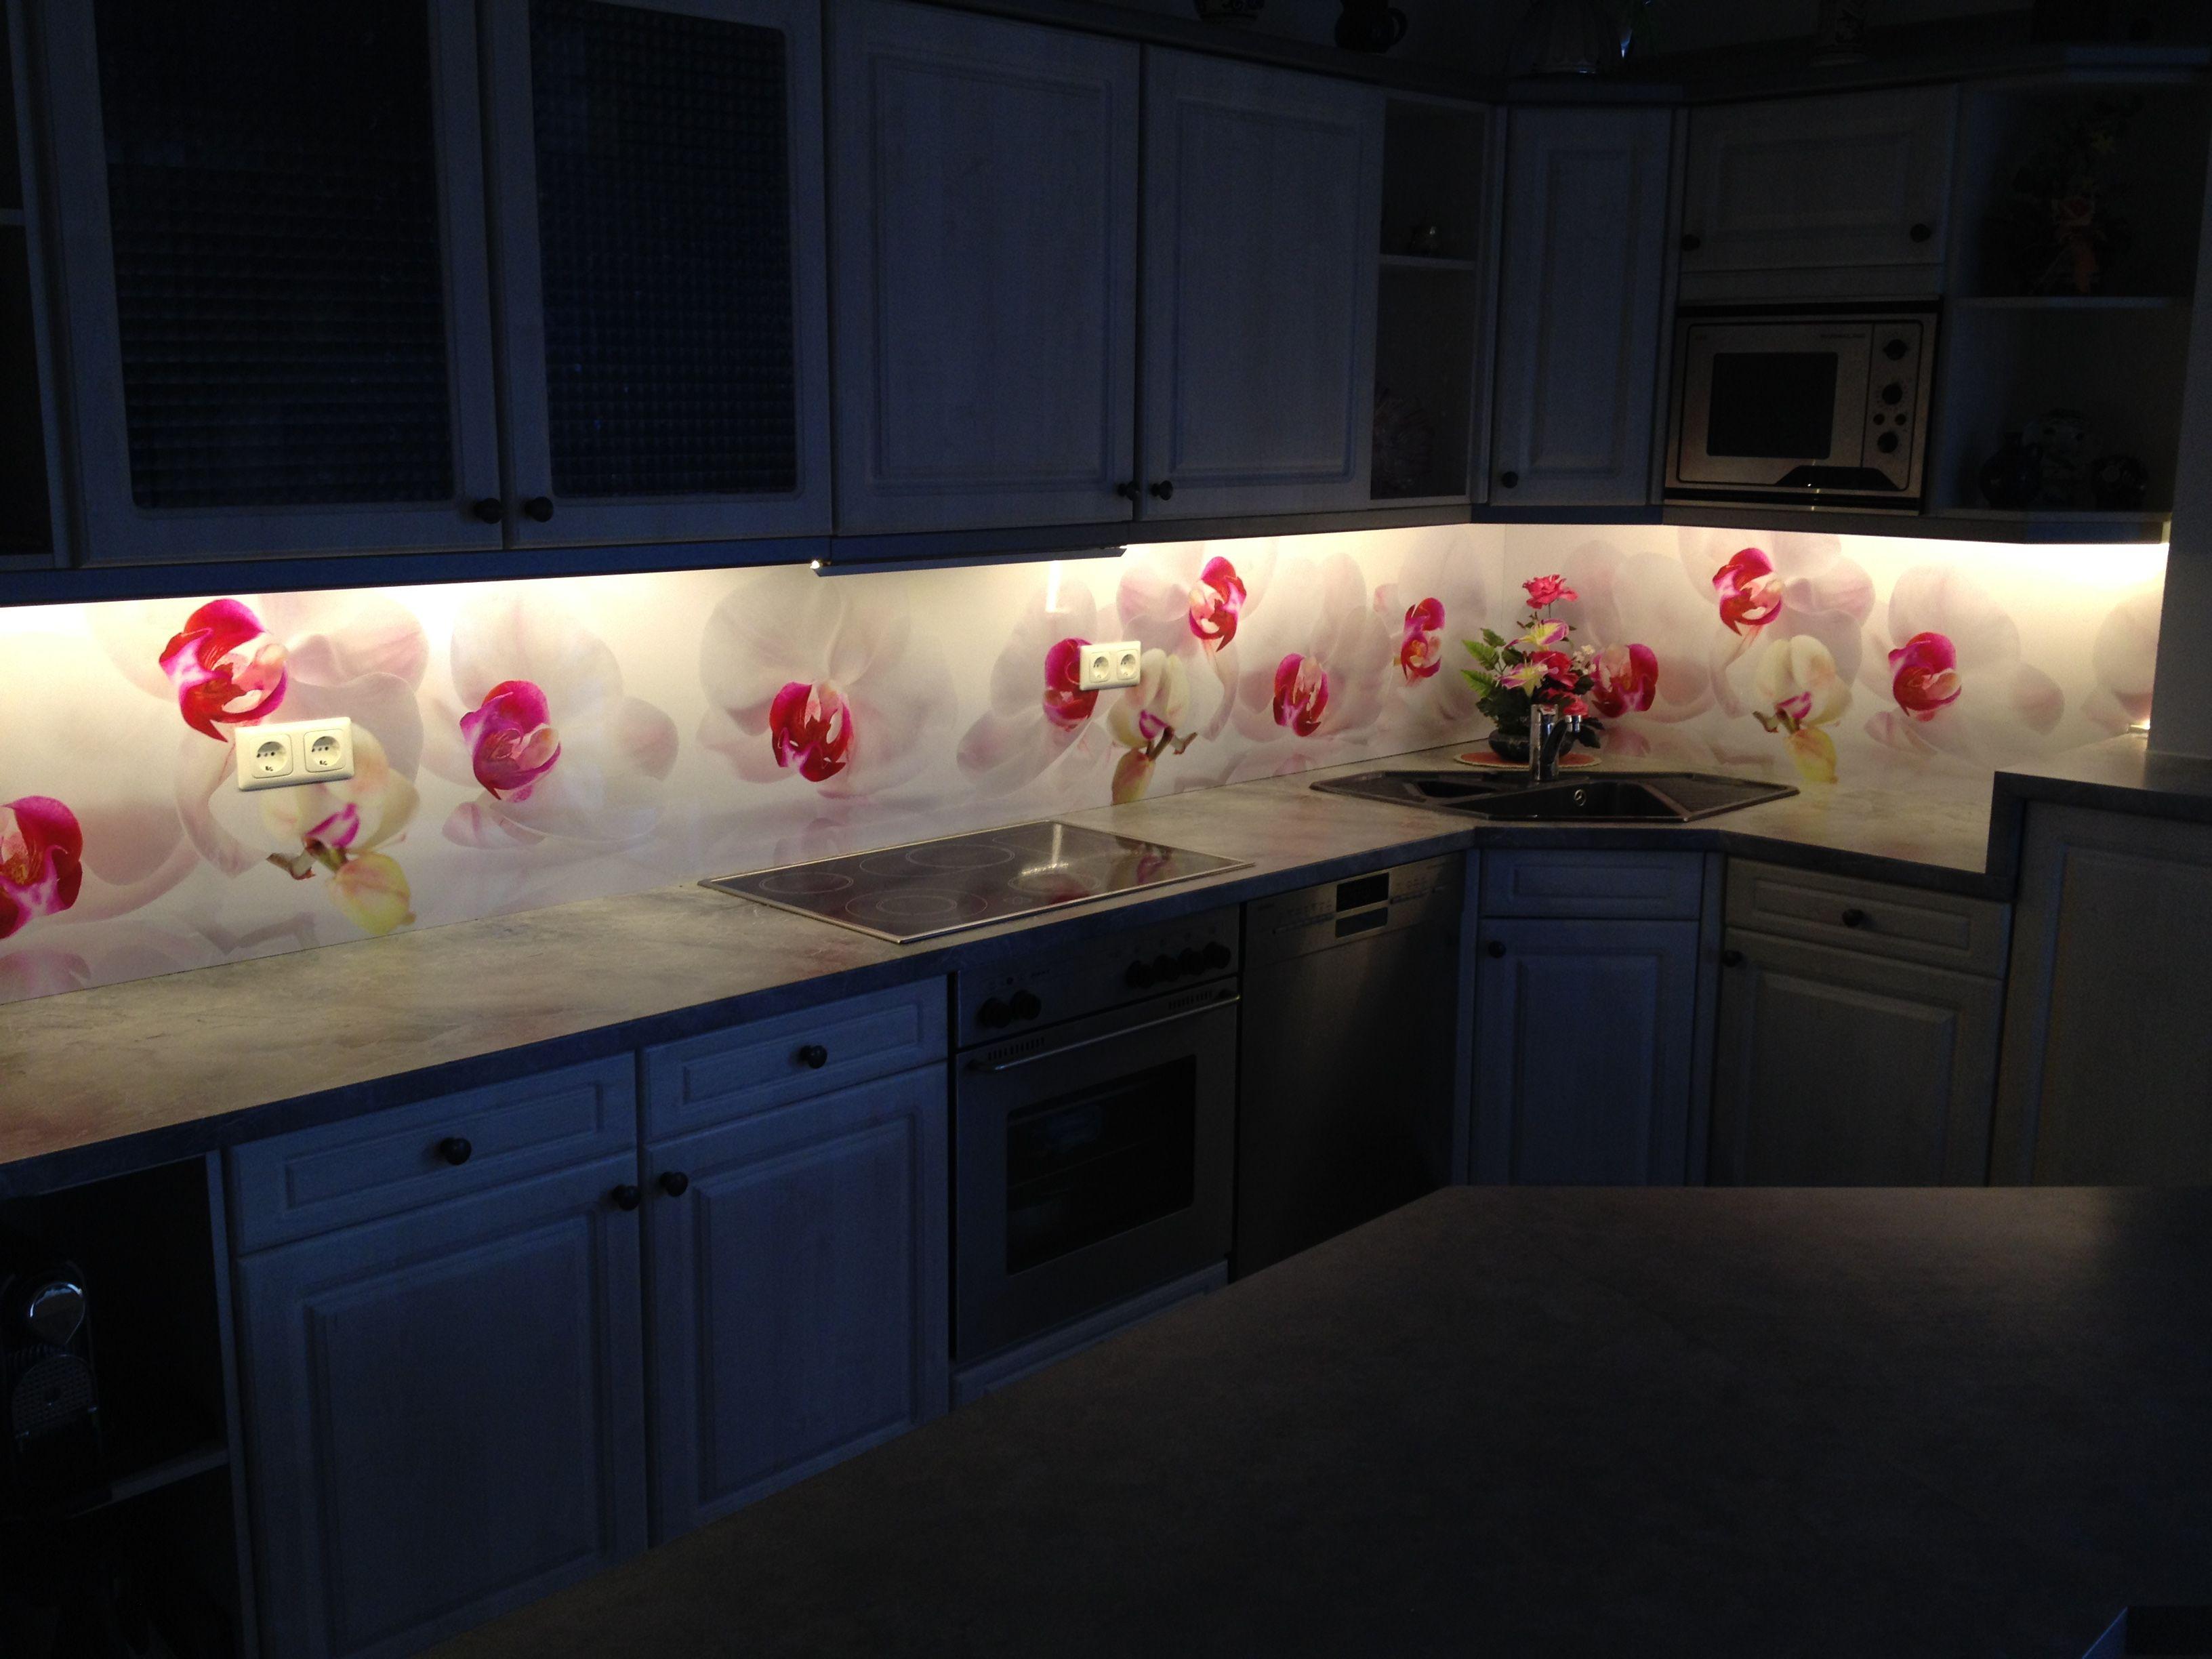 küchenrückwand aus glas von eurographics | küche | pinterest - Küchenrückwand Glas Beleuchtet